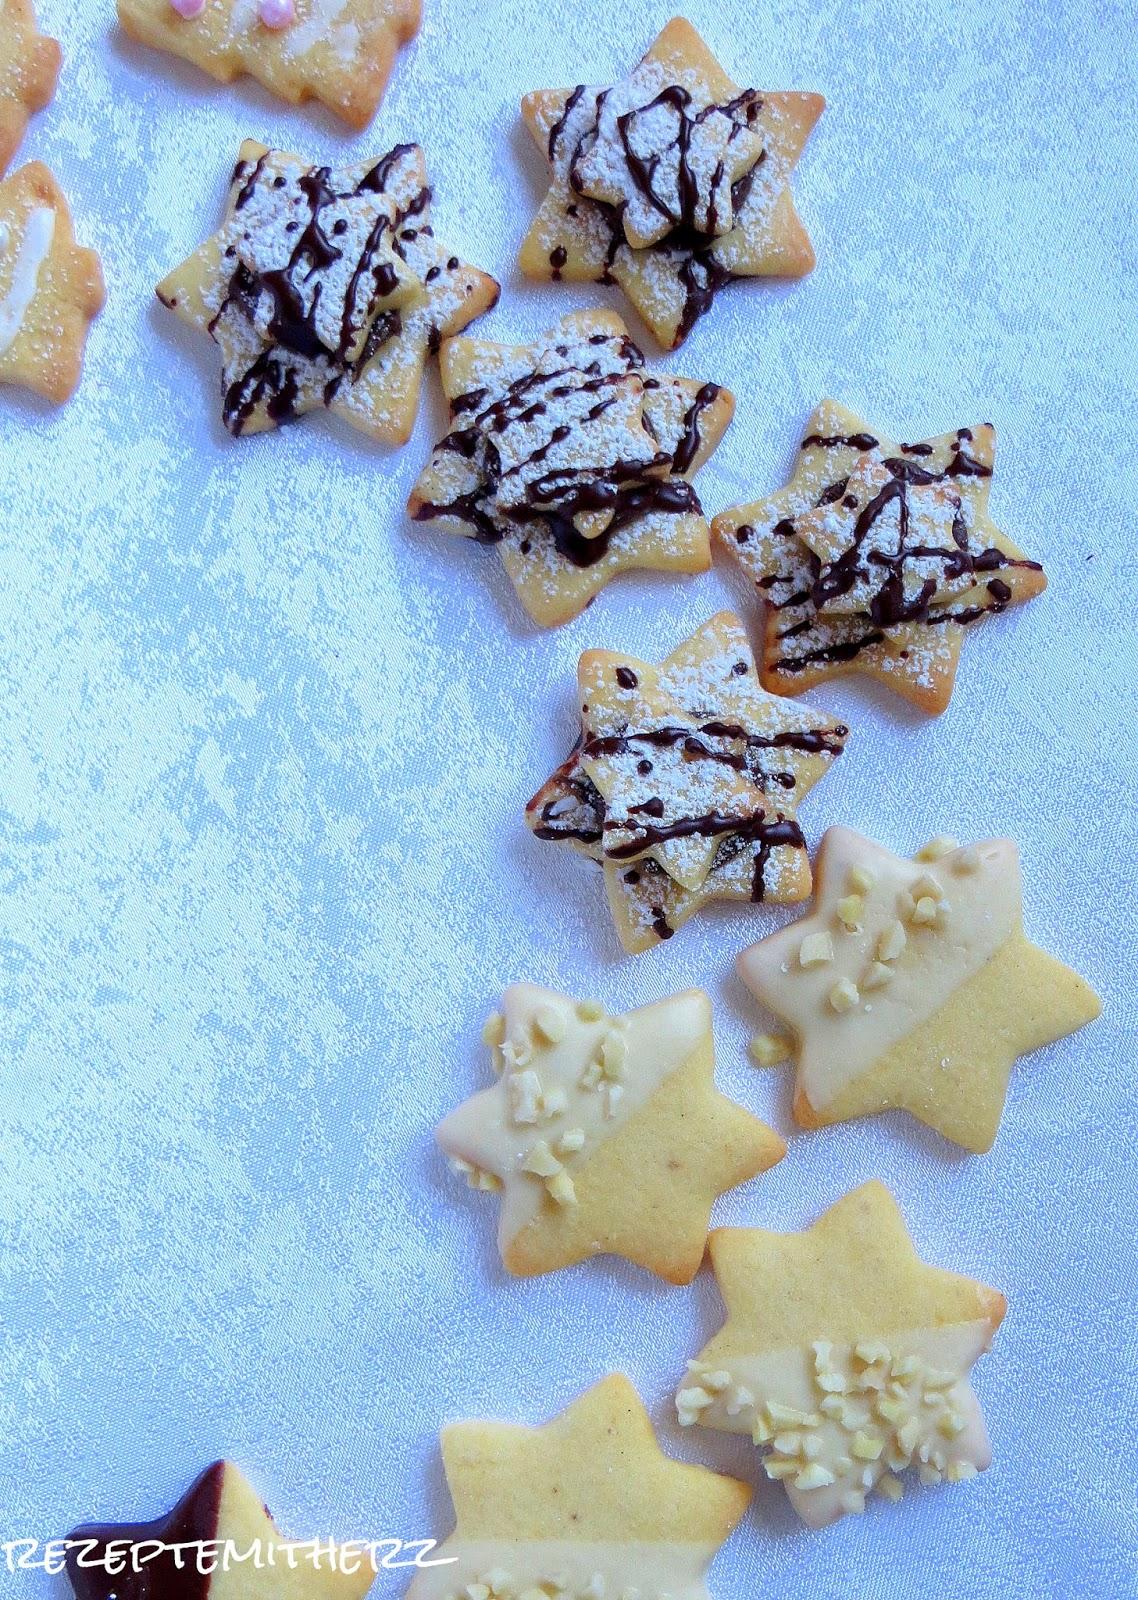 kinder kekse zum ausstechen